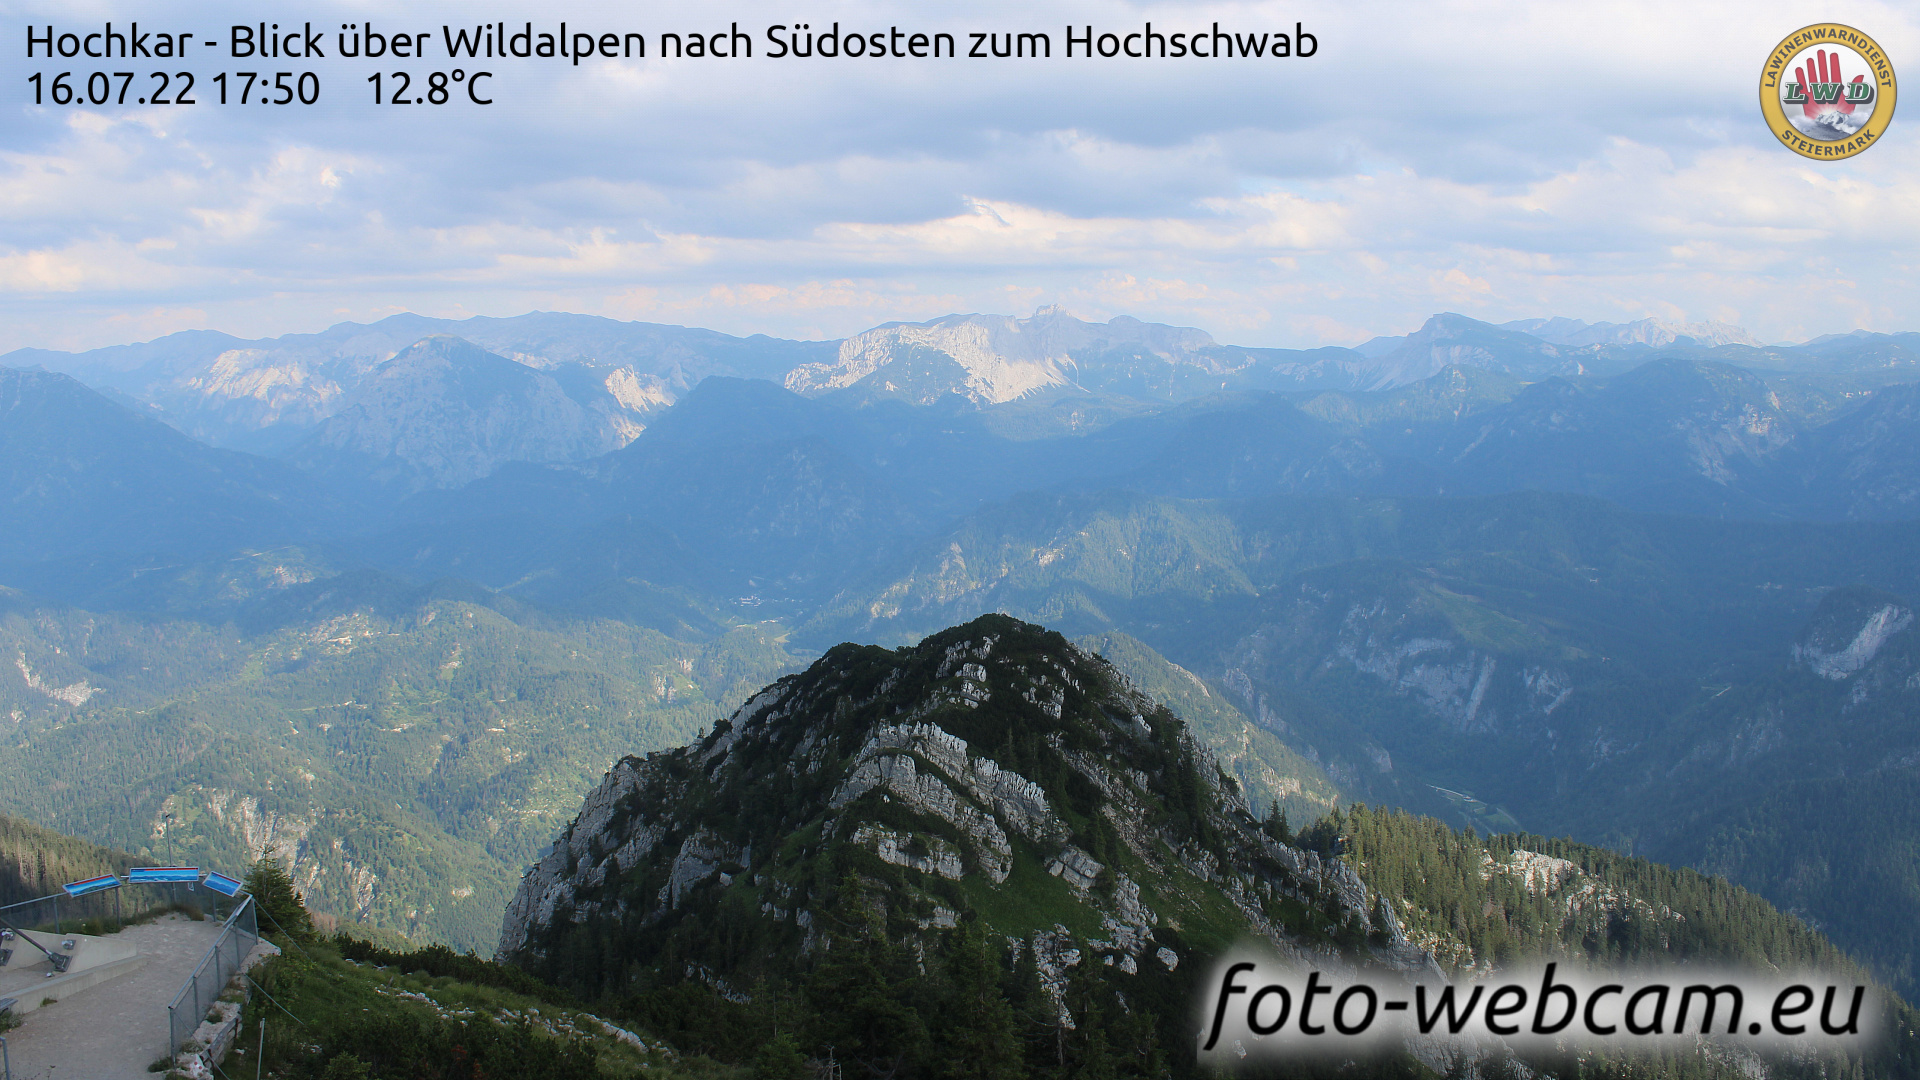 Hochkar Webcam